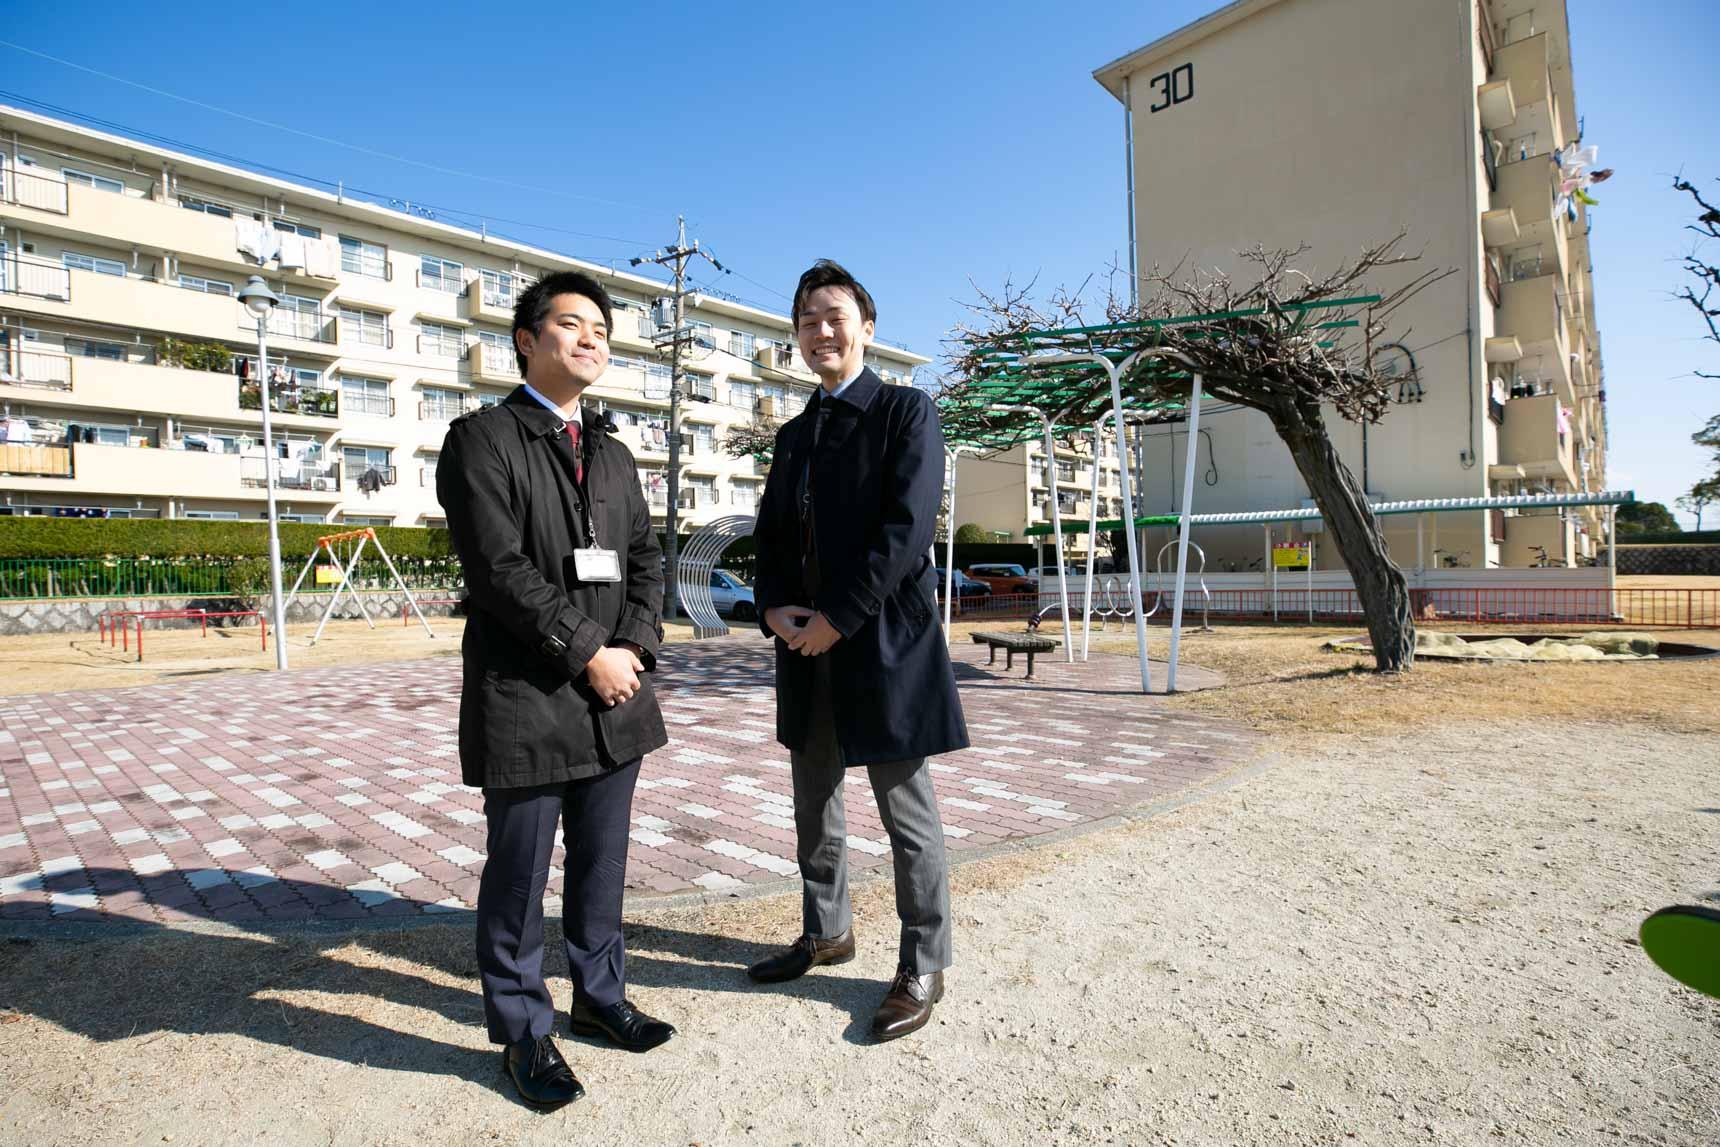 ご案内してくださったのは、UR都市機構の西谷さん(写真左)と木納さん(写真右)です。